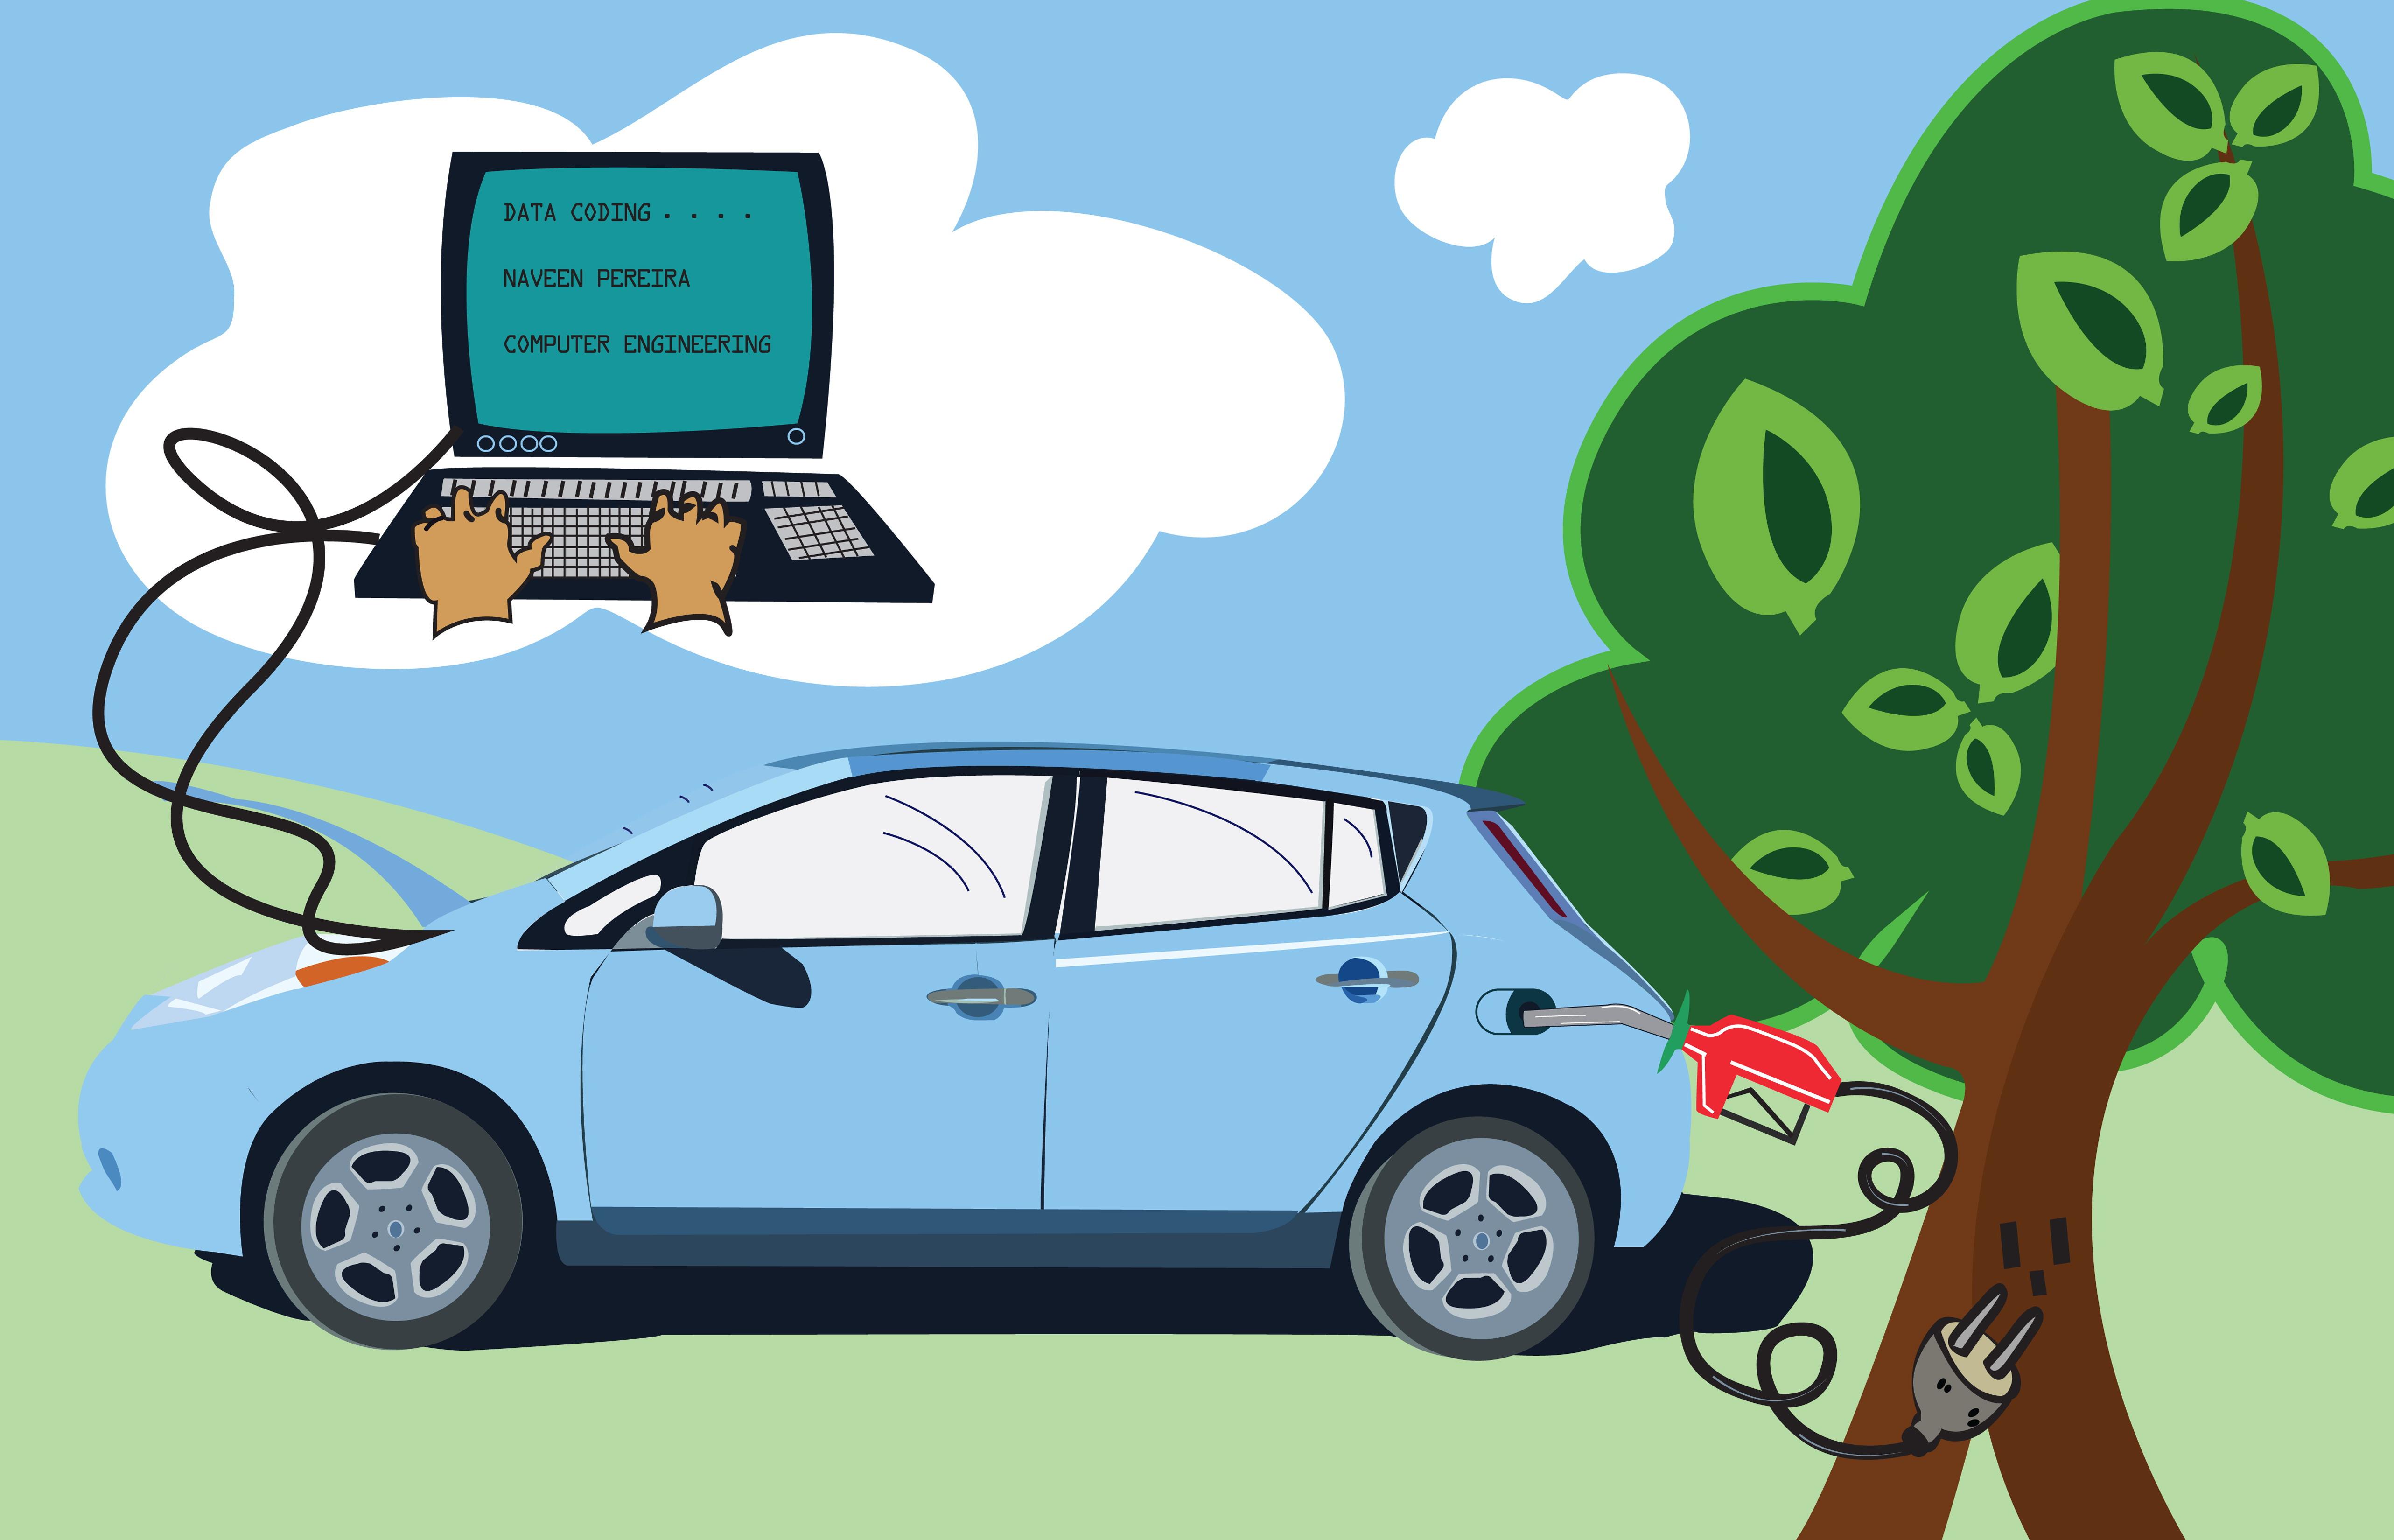 Electric Car Vs Fossil Fuel Car